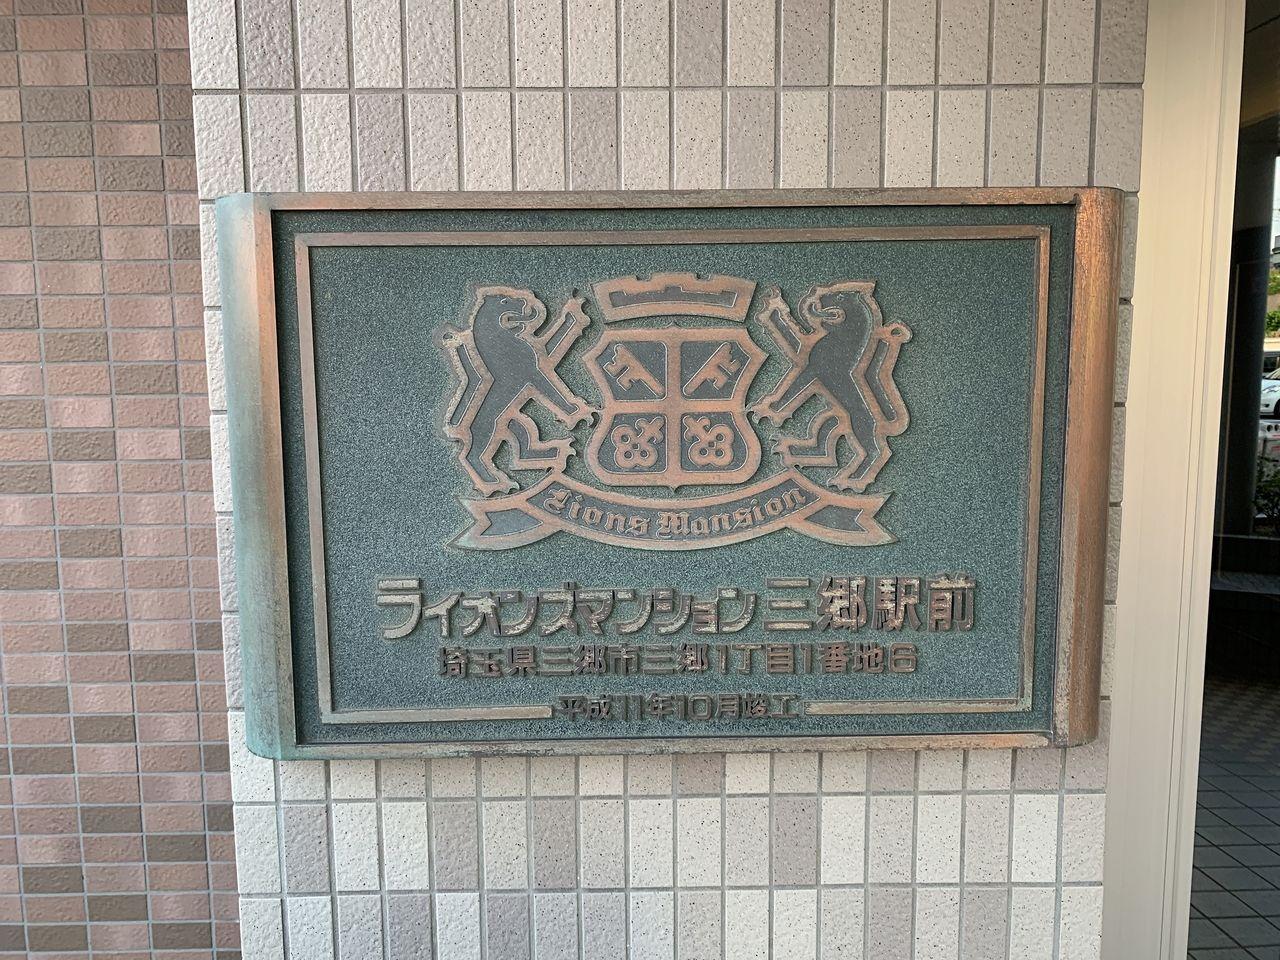 ライオンズマンション三郷駅前のエンブレム